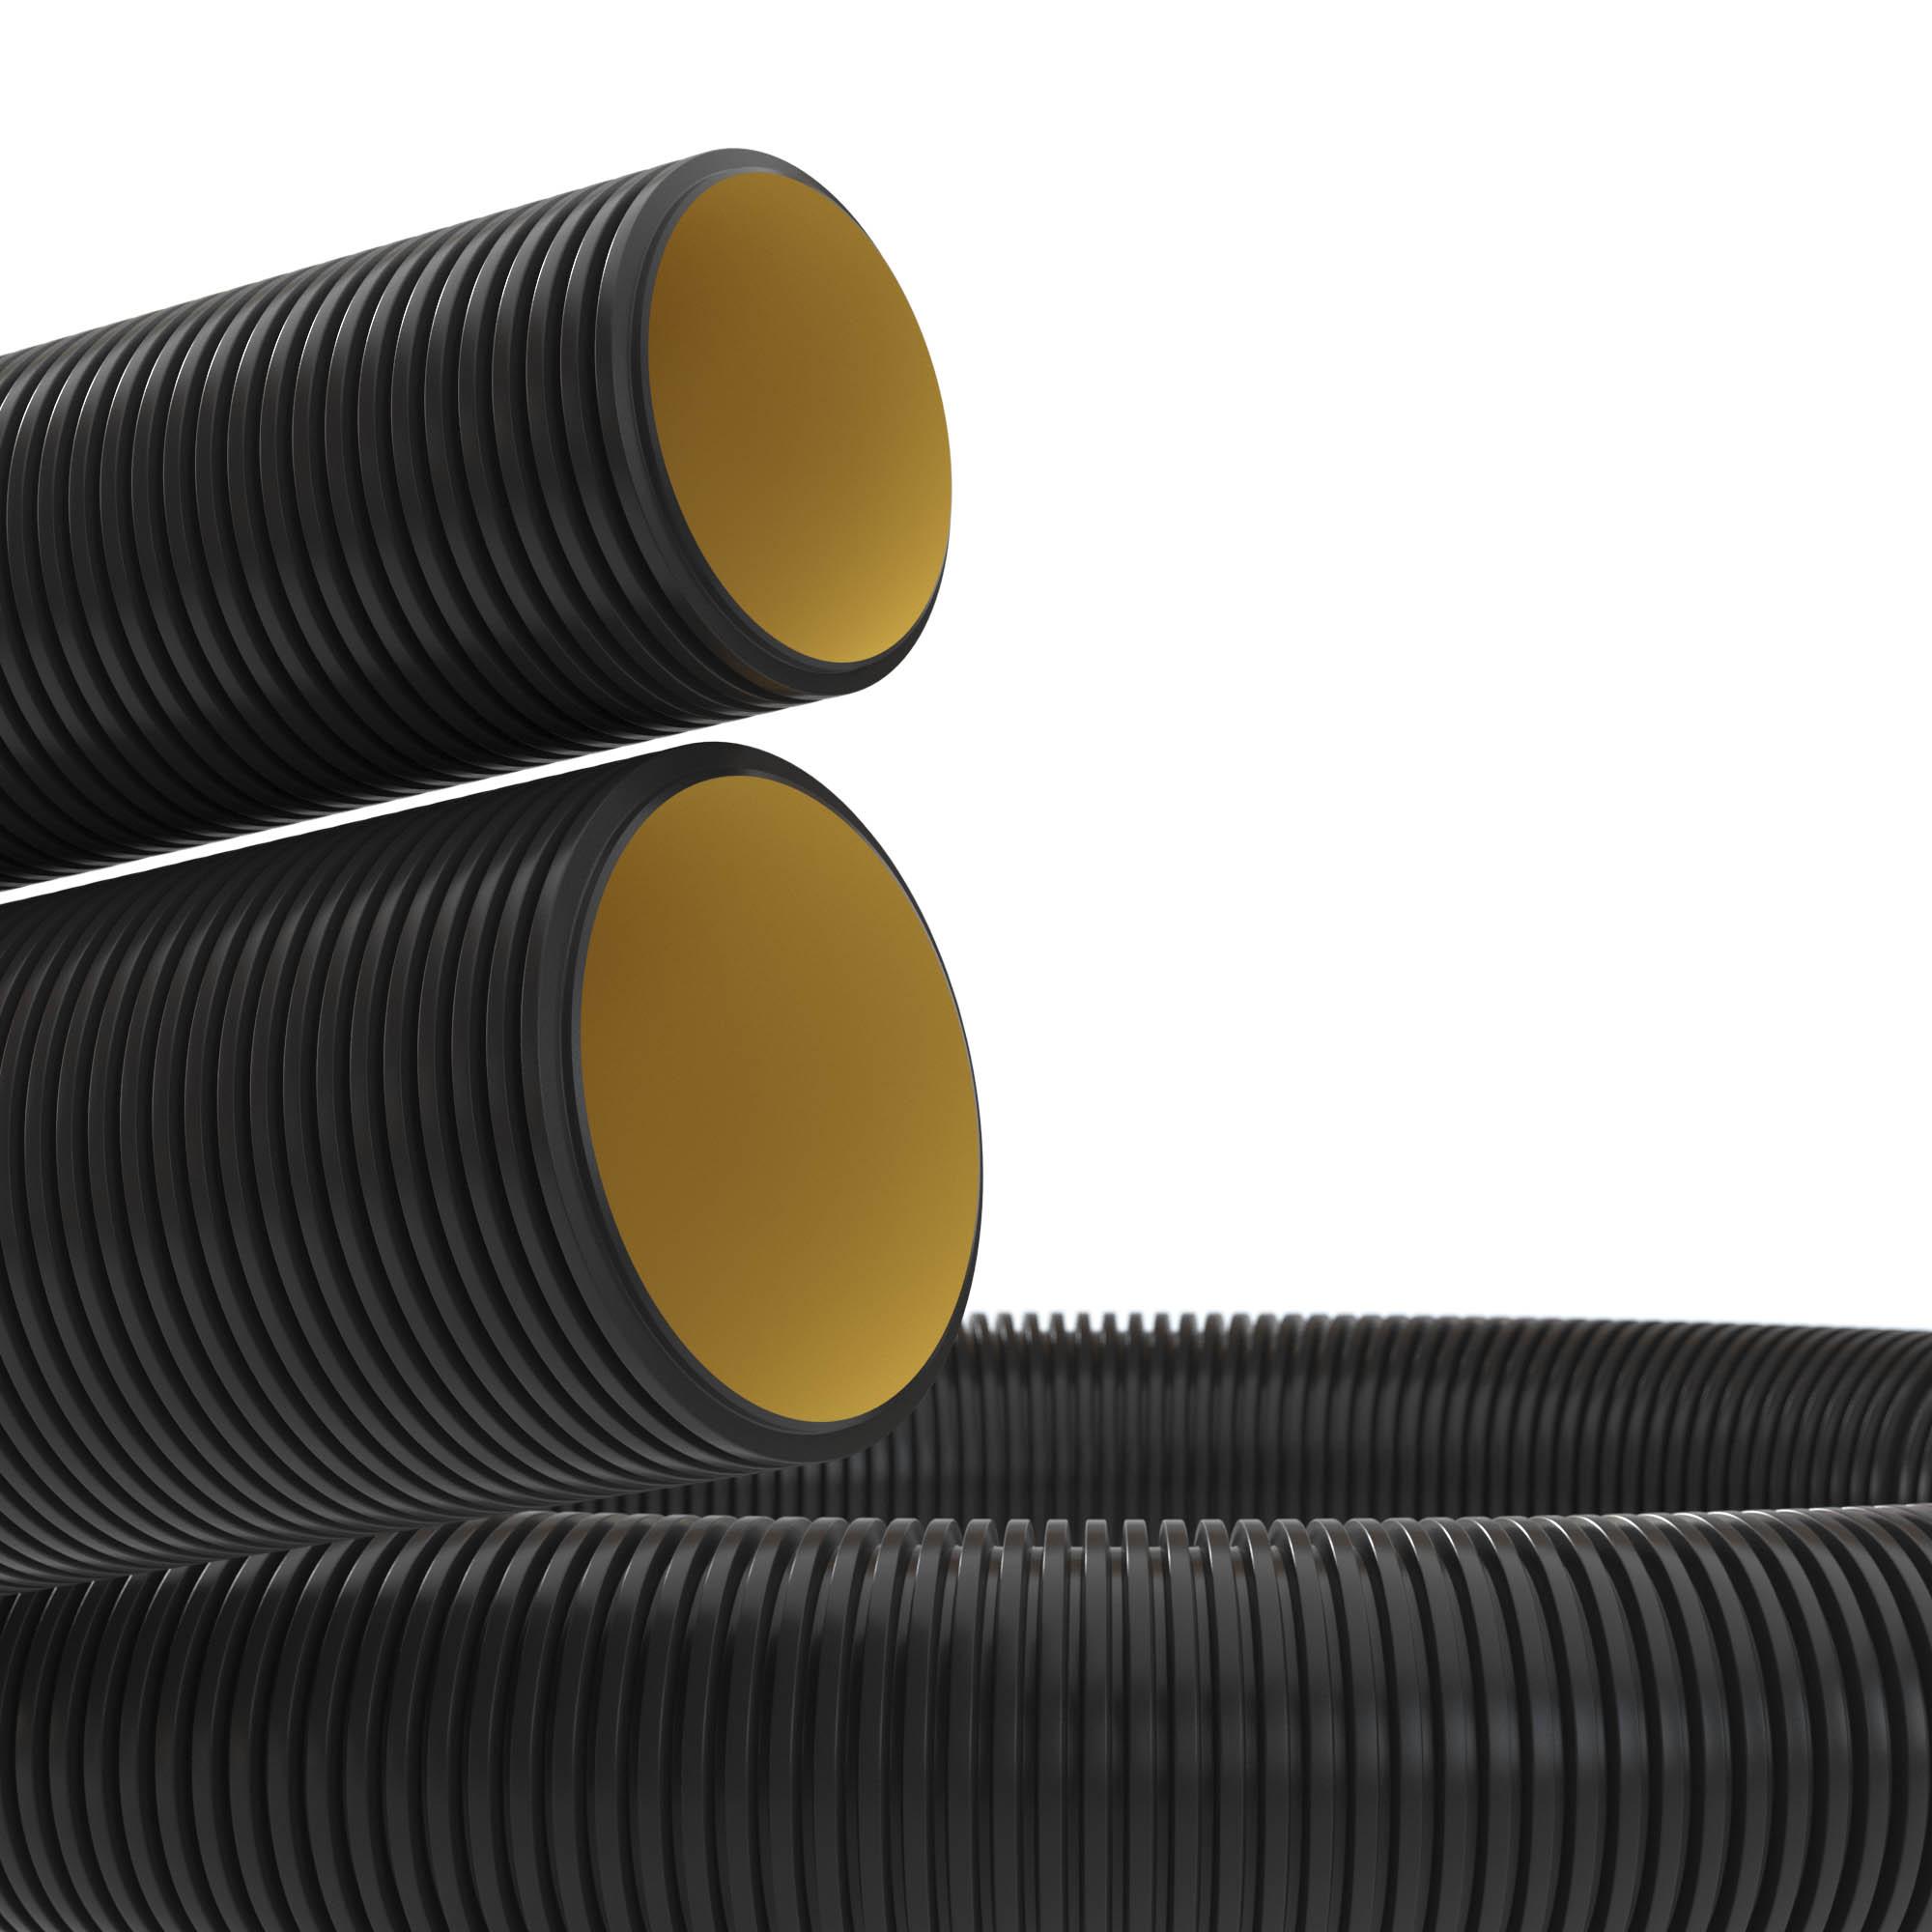 Двустенная труба ПНД гибкая для кабельной канализации d 160мм с протяжкой SN6 450Н черный